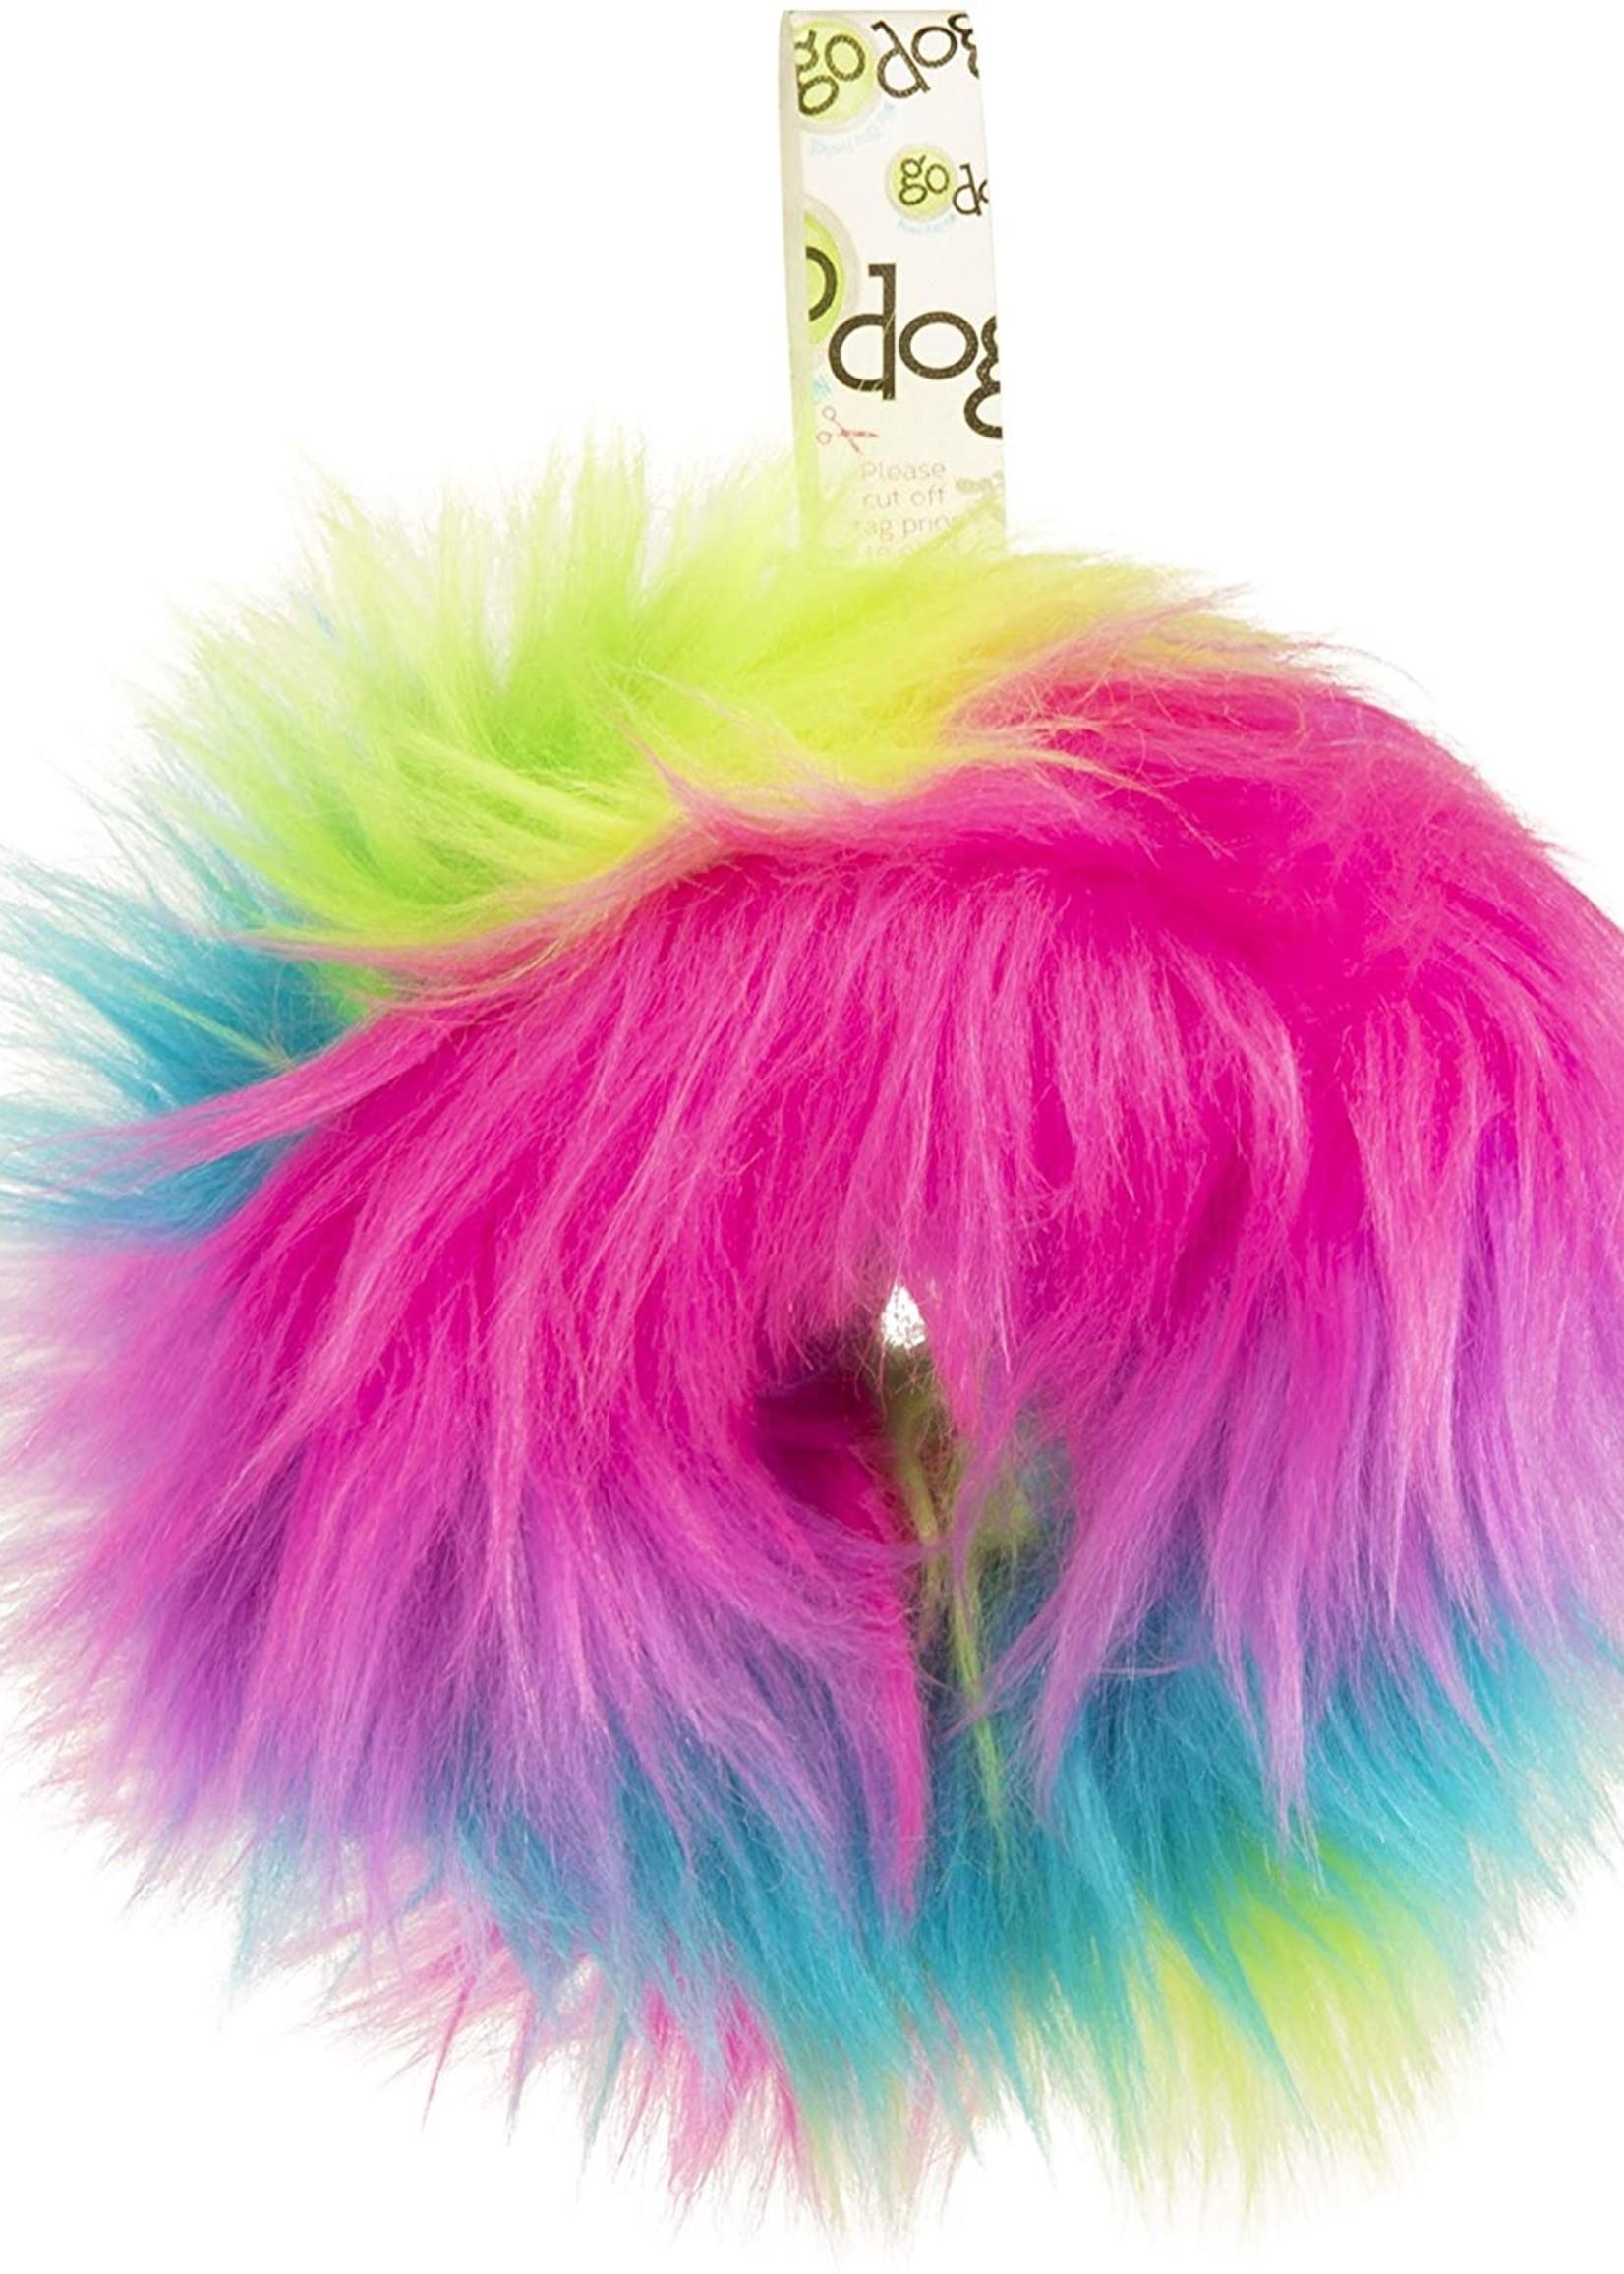 GO DOG GoDog Furballz Ring Rainbow Small Plush